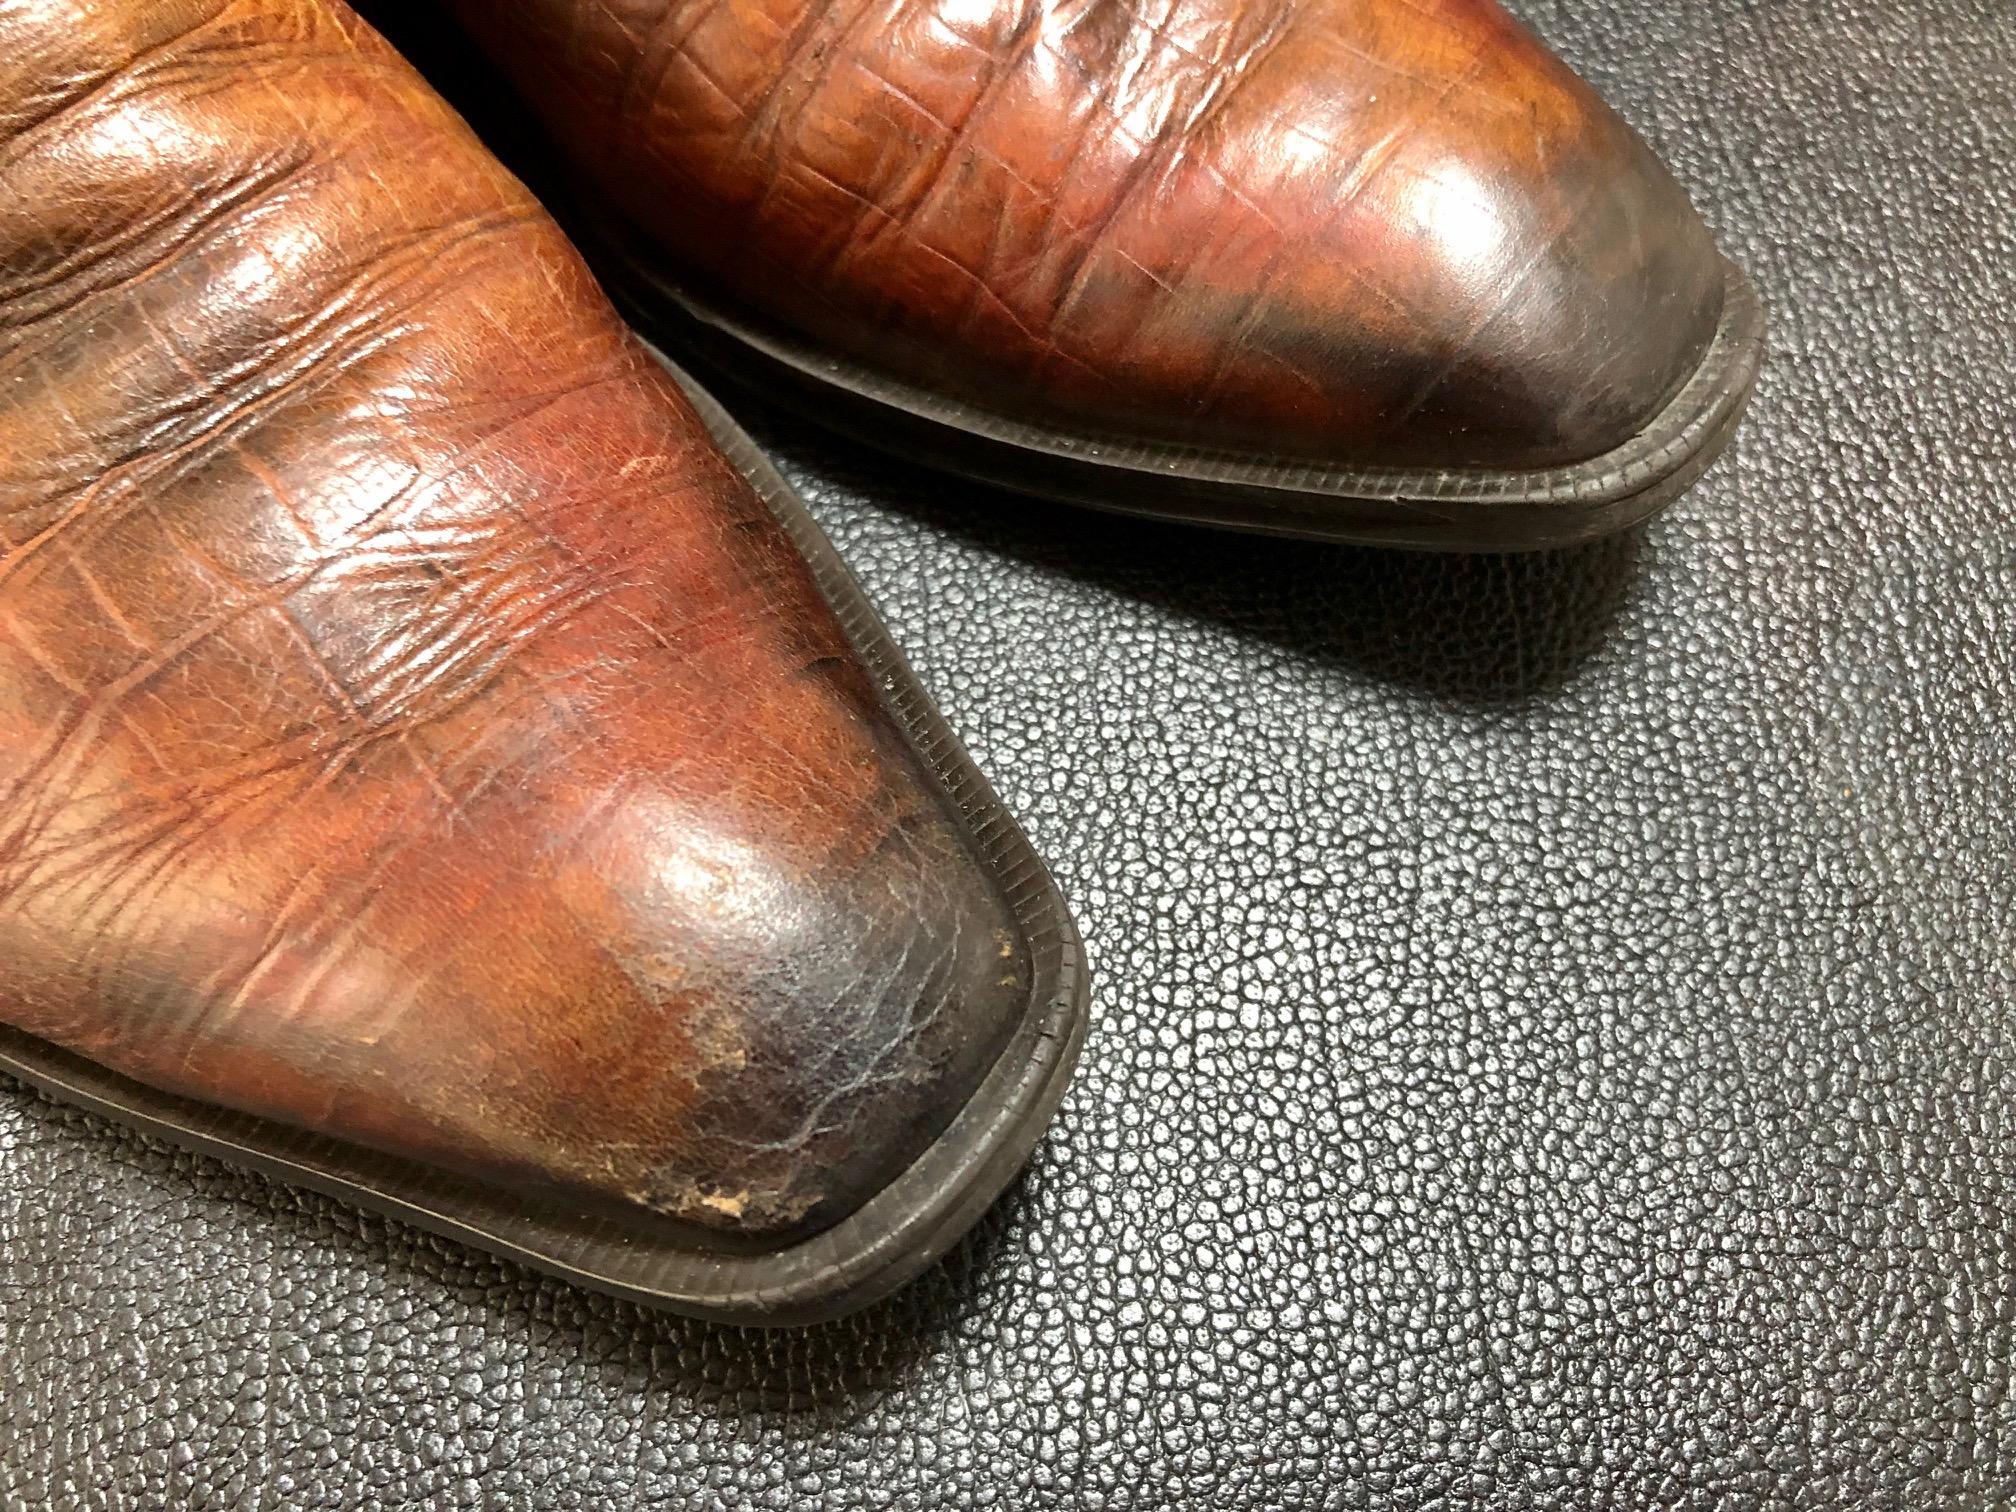 革靴 染め替え キズ補修 鏡面磨き ハイシャイン